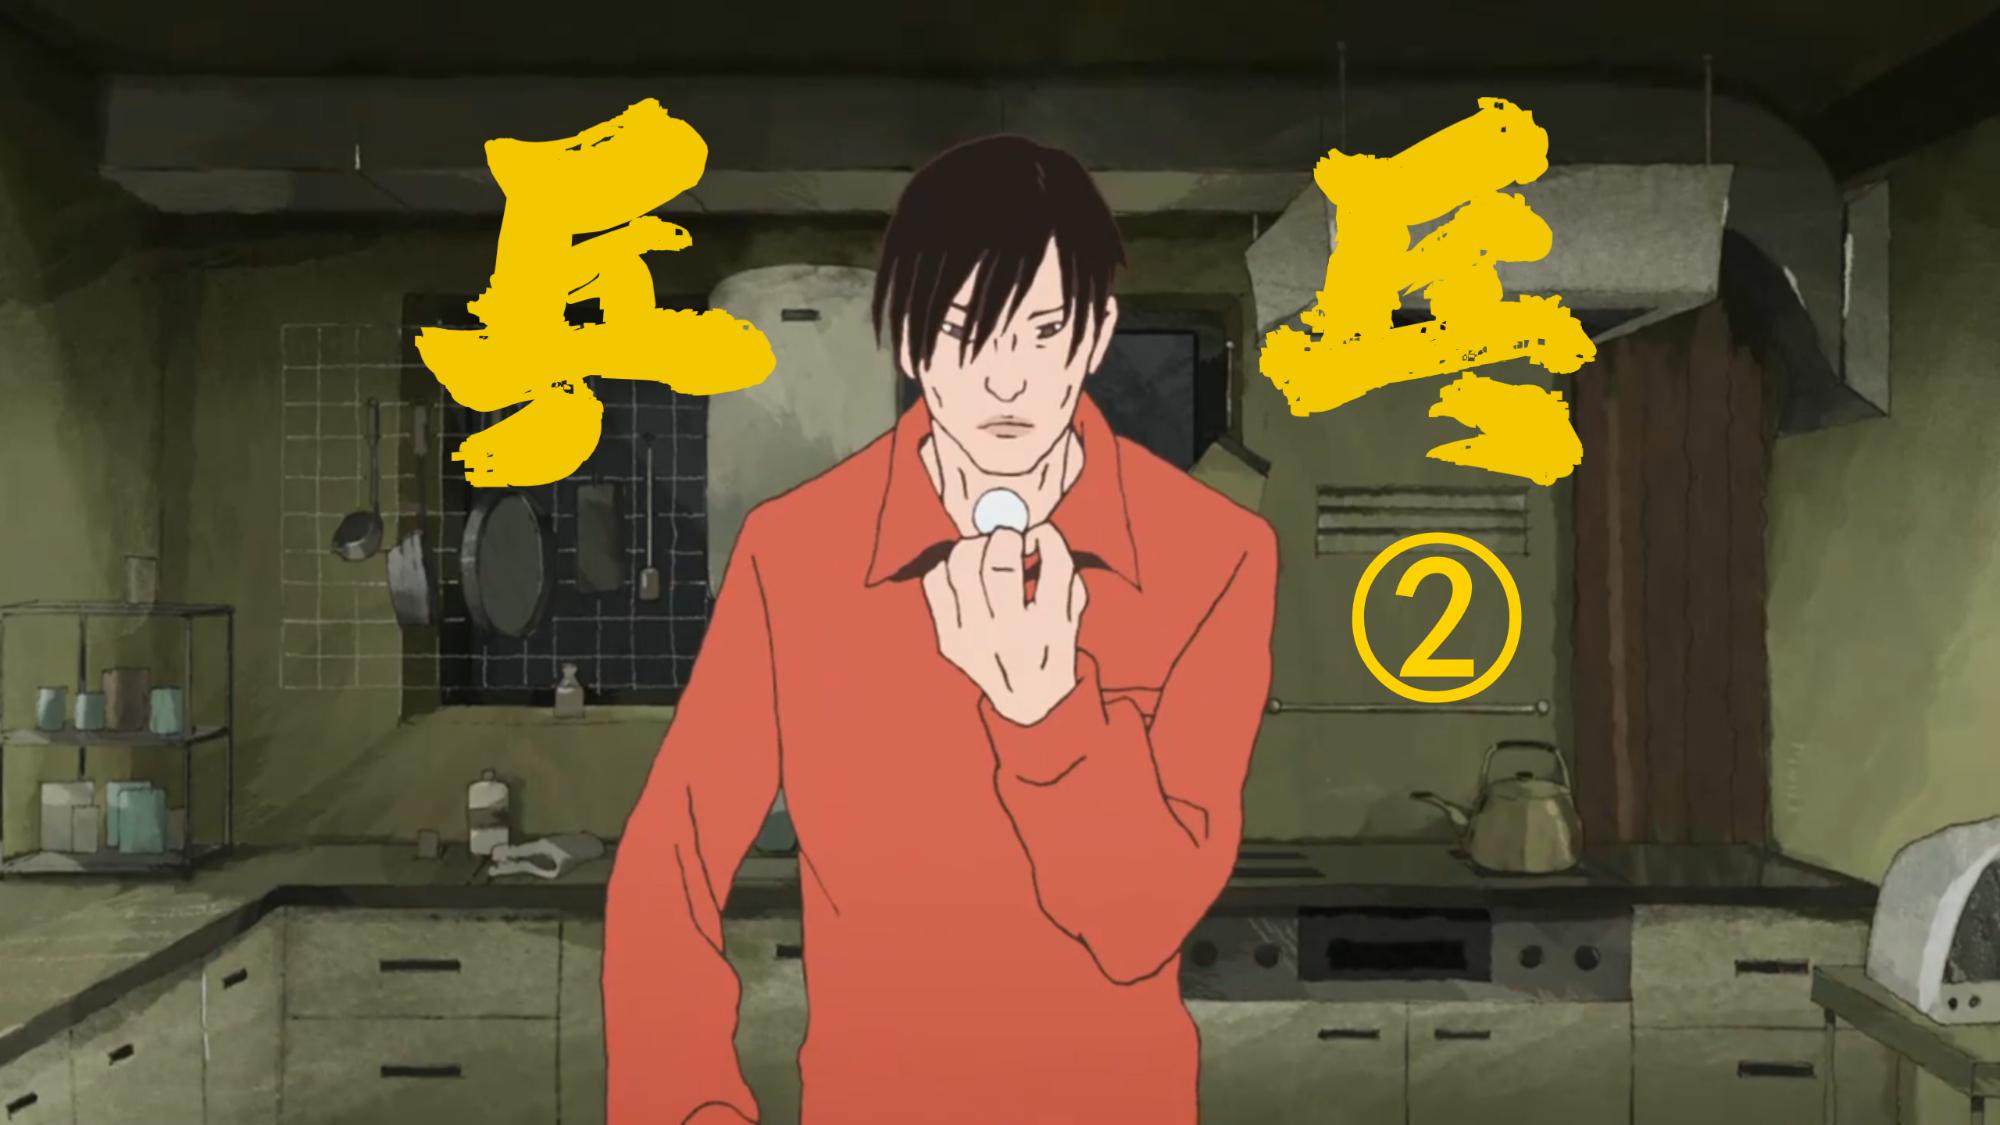 【好羊】看看日本人有多崇拜中国乒乓球?9.4分高分番剧,不输给灌篮高手足球小将的热血体育番!